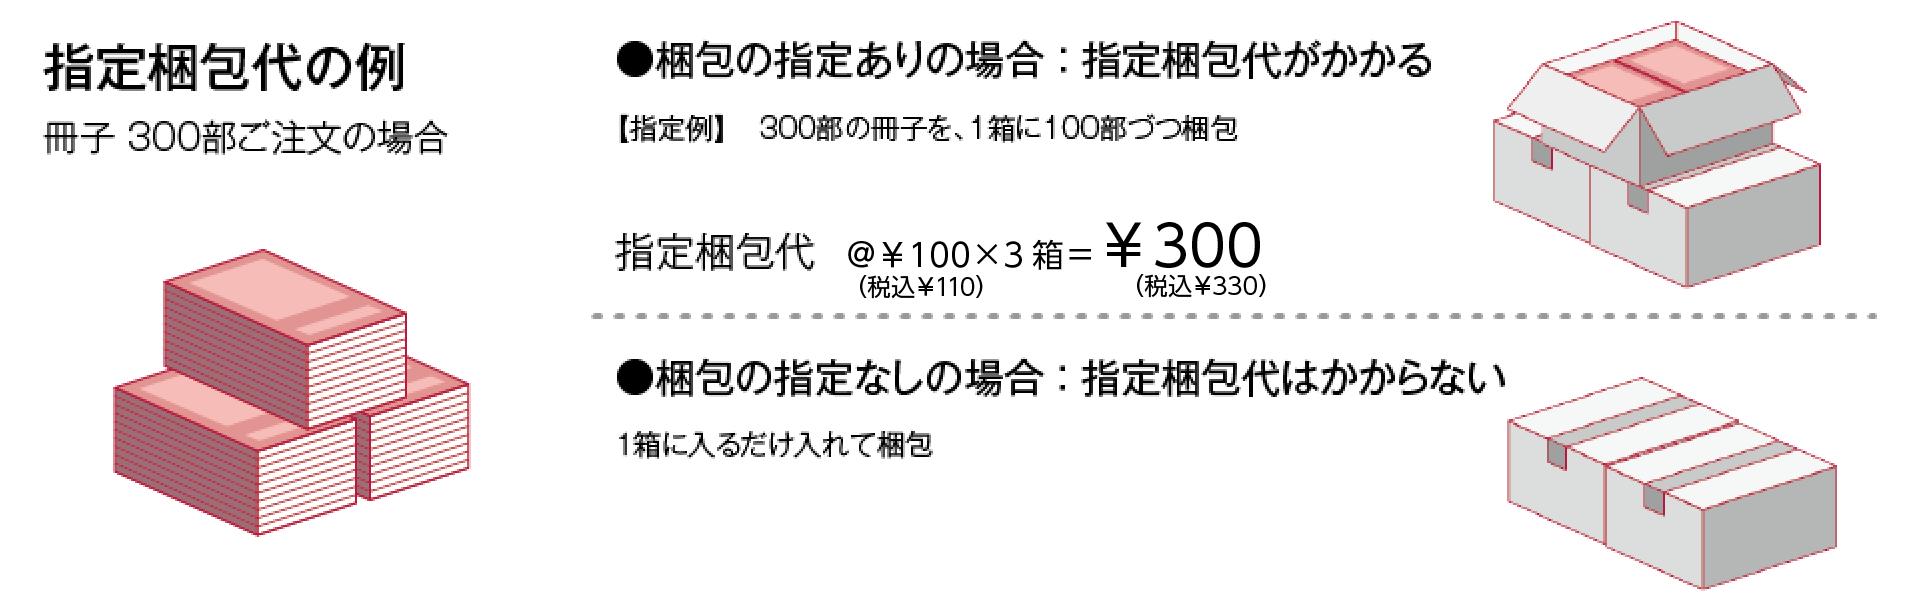 指定梱包代の例